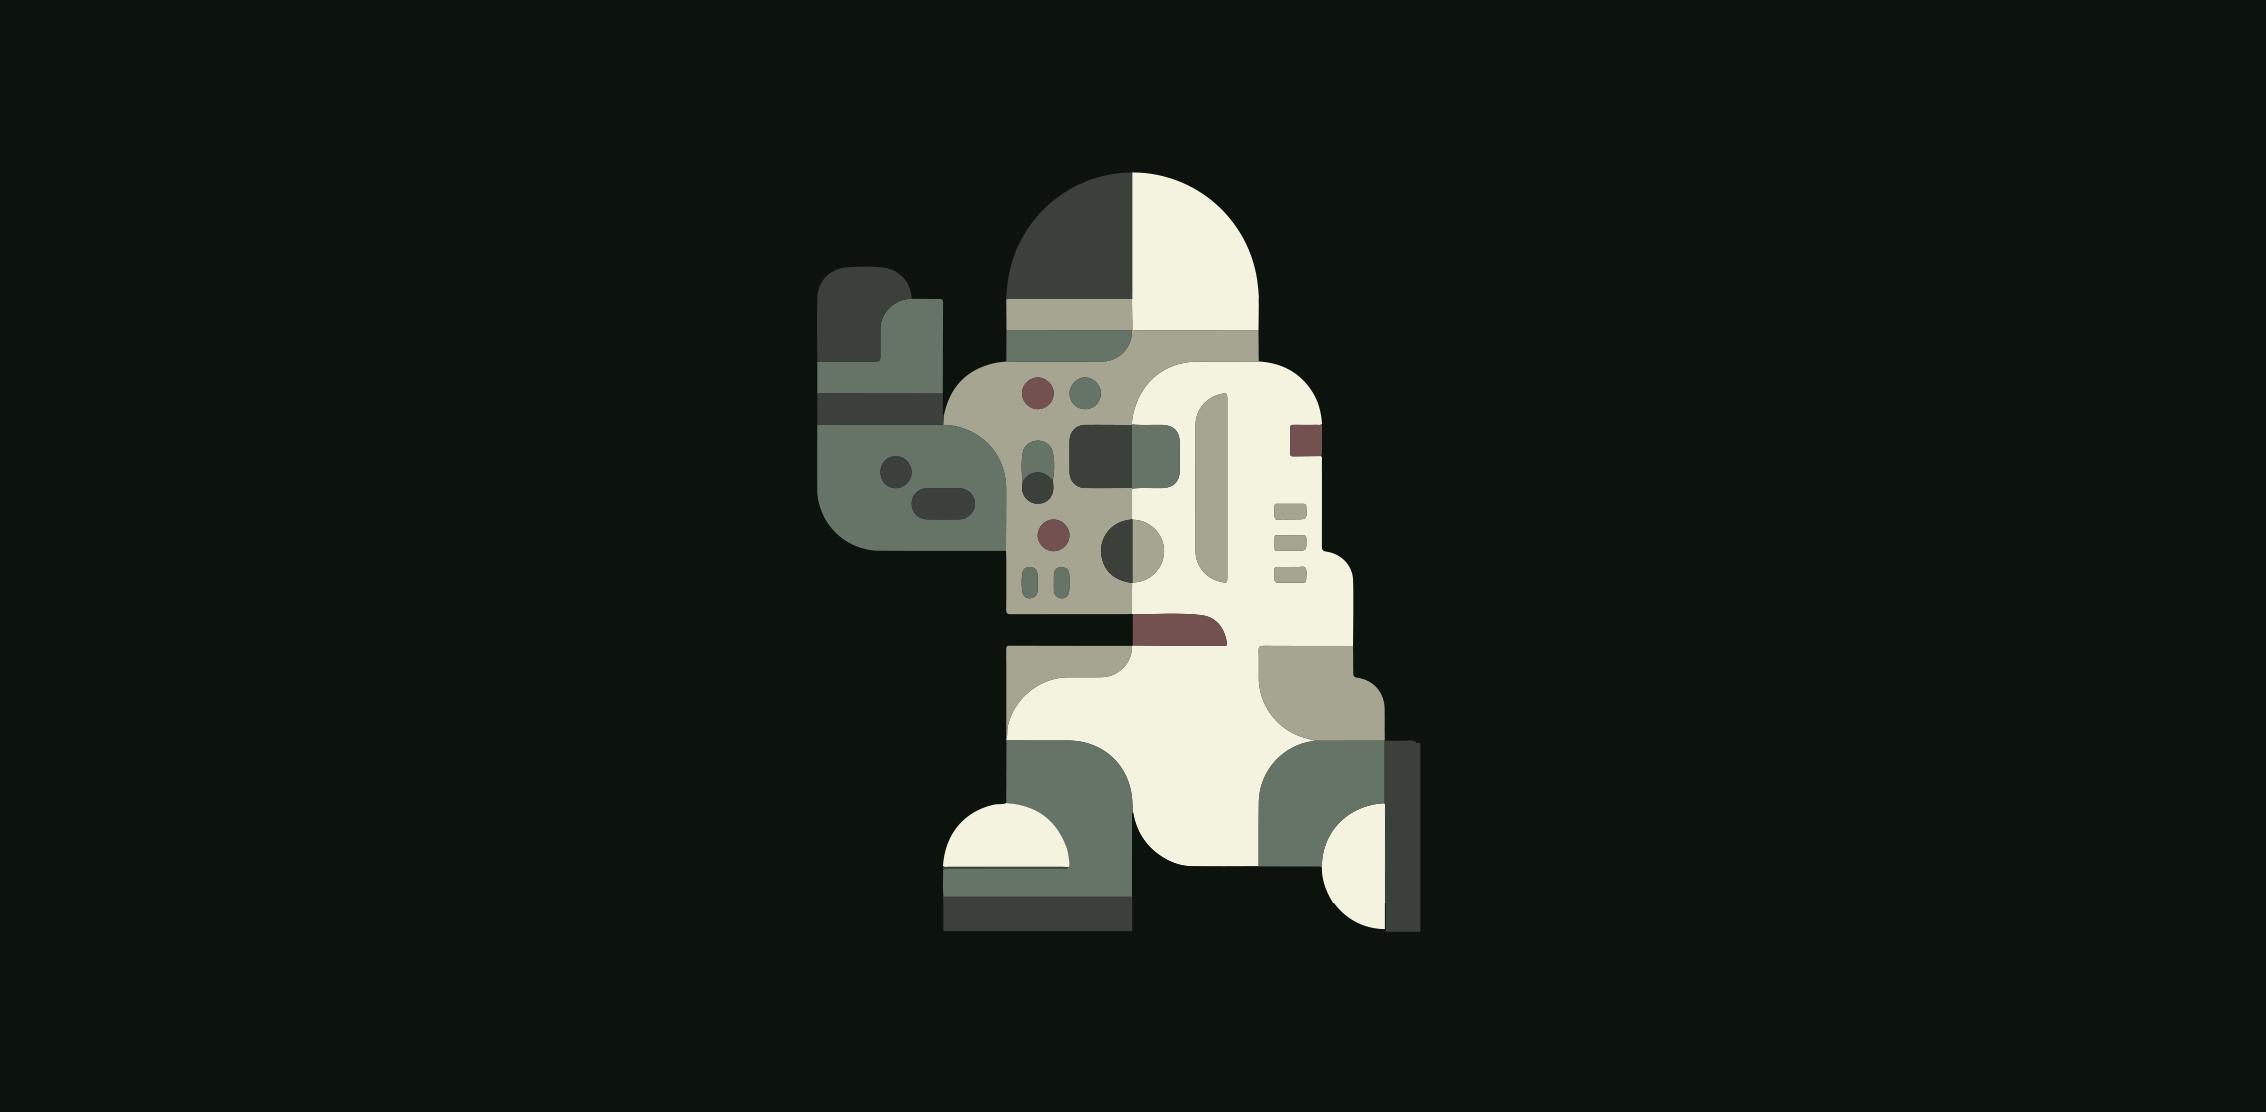 Austronaut_big.png